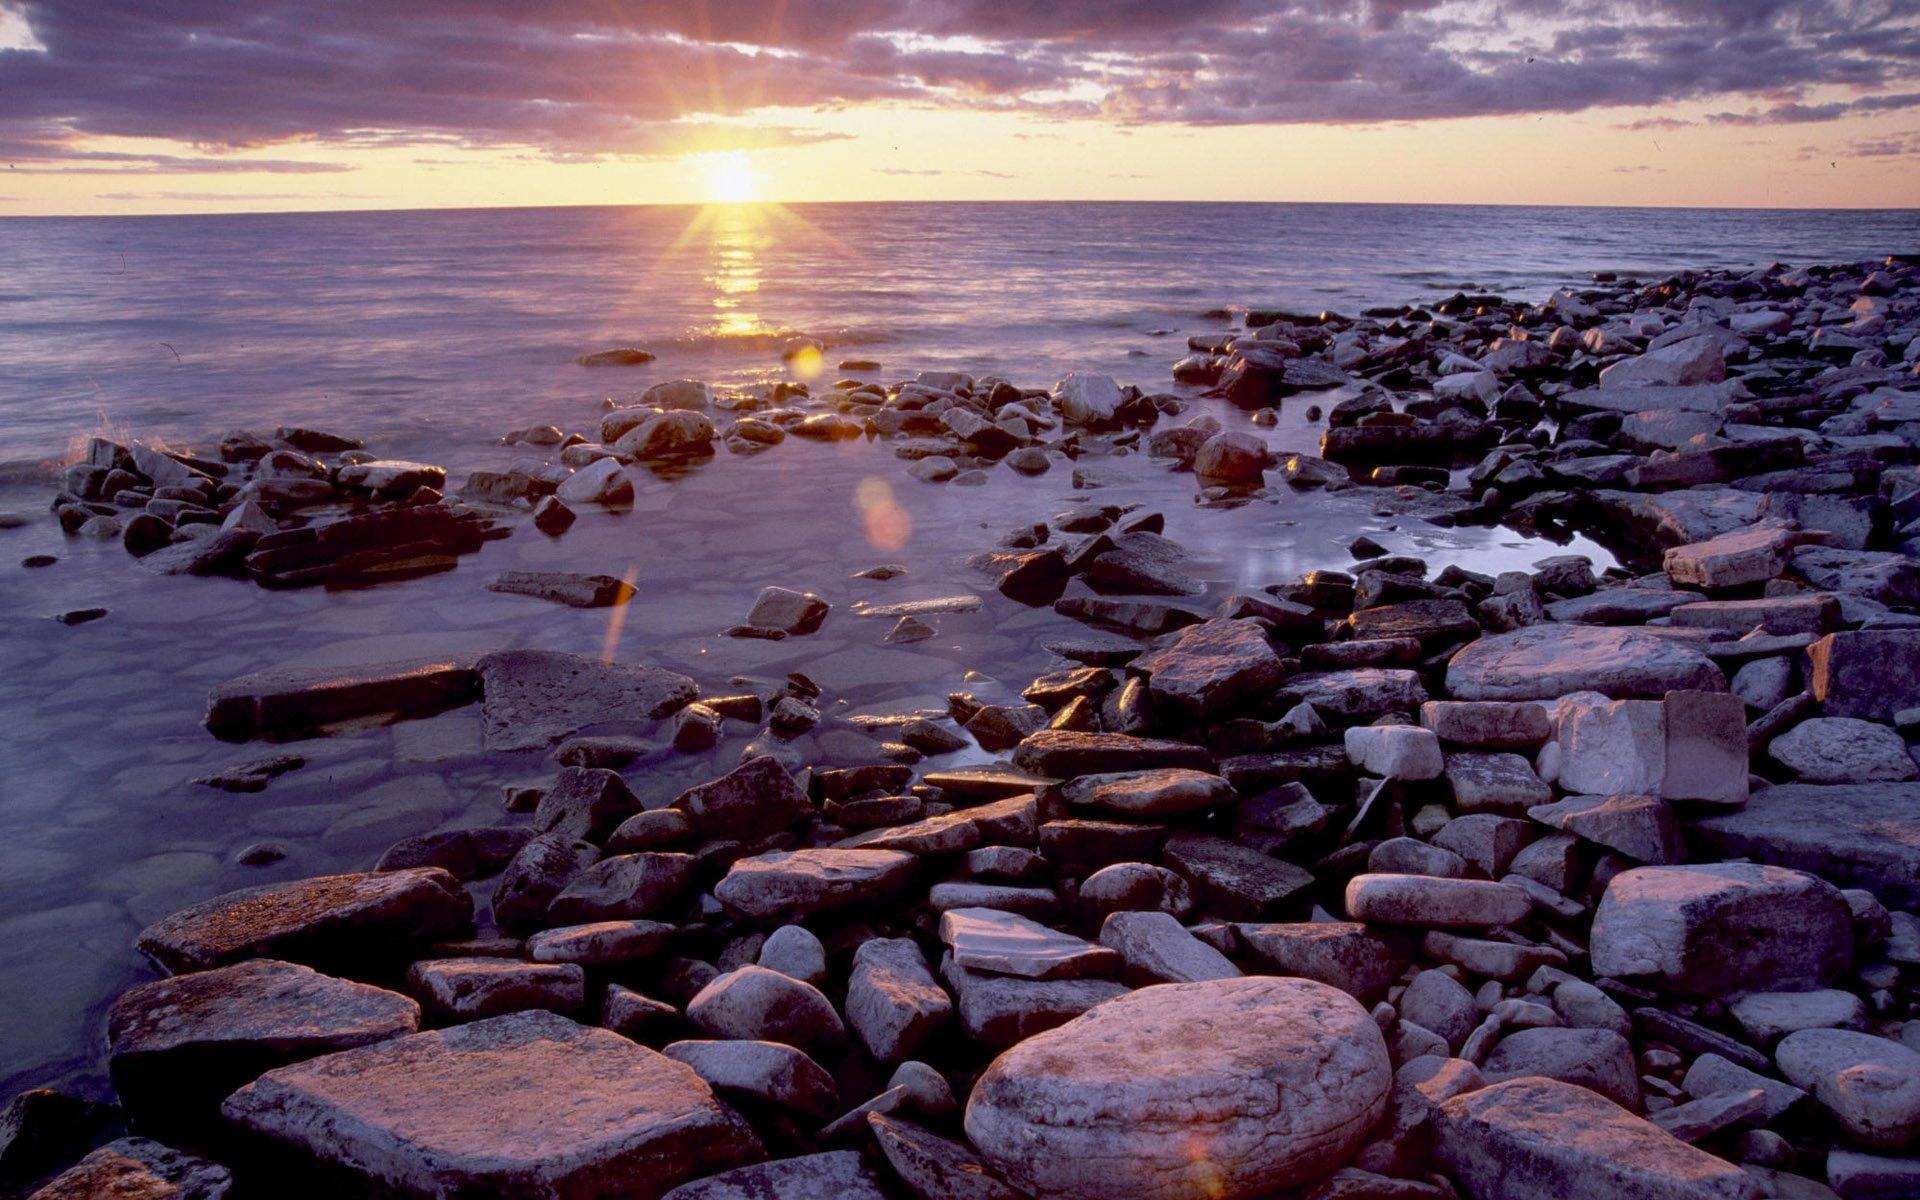 море берег камни закат sea shore stones sunset  № 1033181 бесплатно